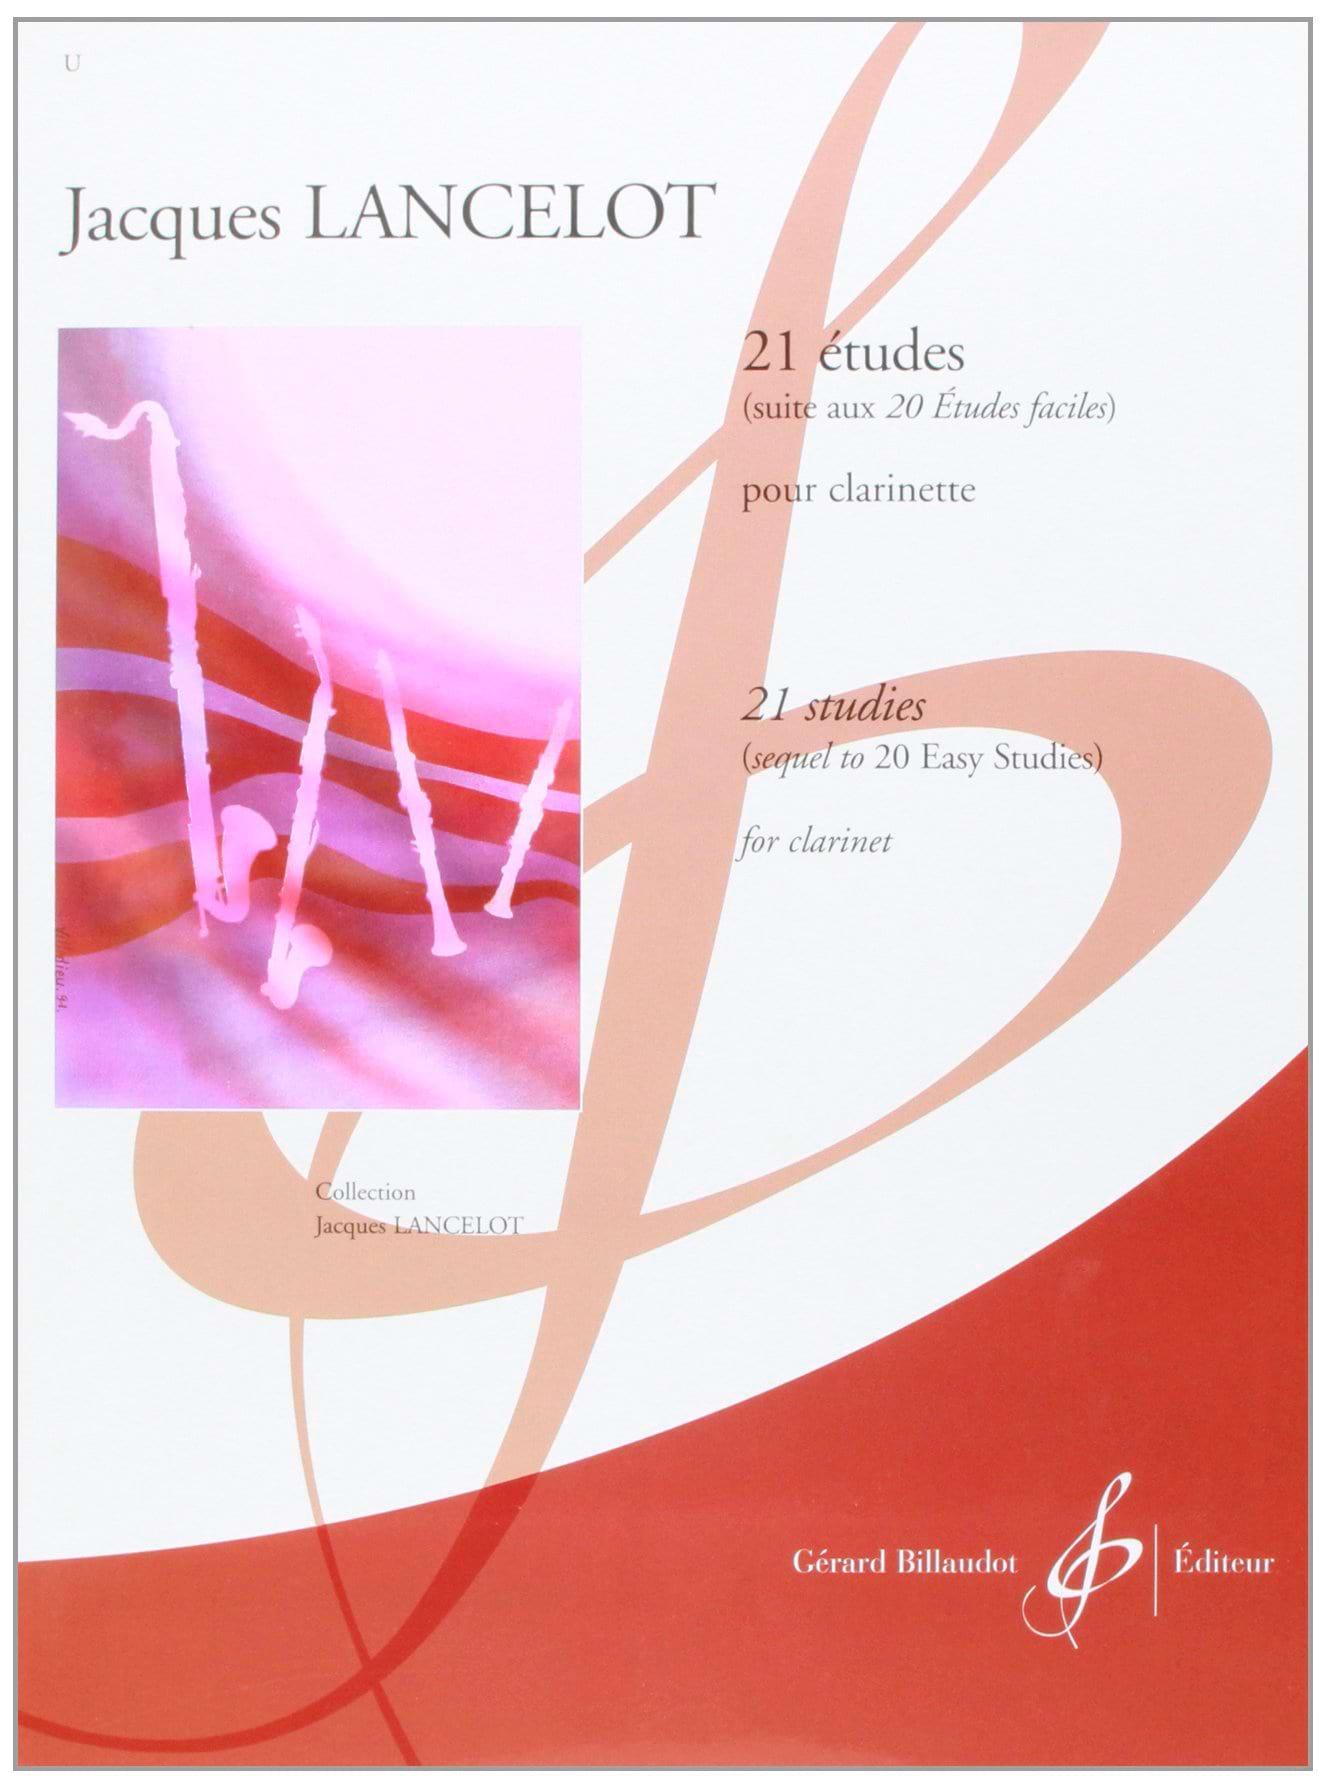 21 Etudes pour clarinette - Jacques Lancelot - laflutedepan.com